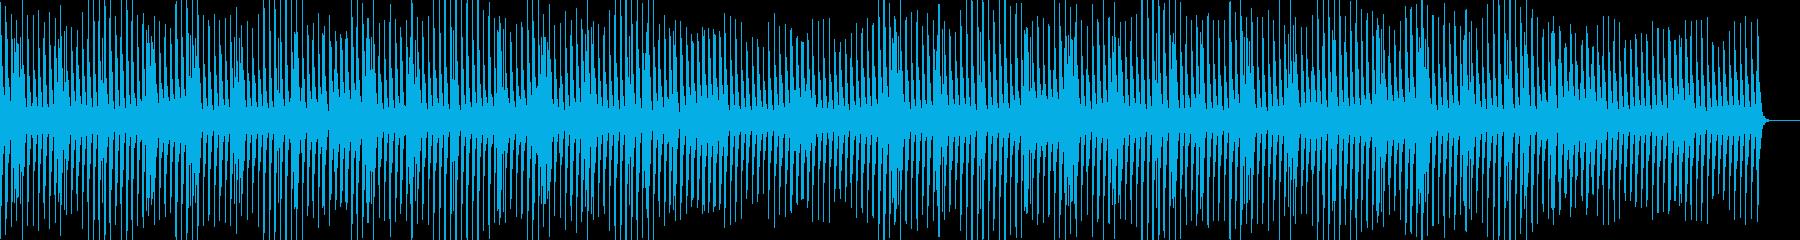 かわいい・ほのぼの・マリンバの再生済みの波形